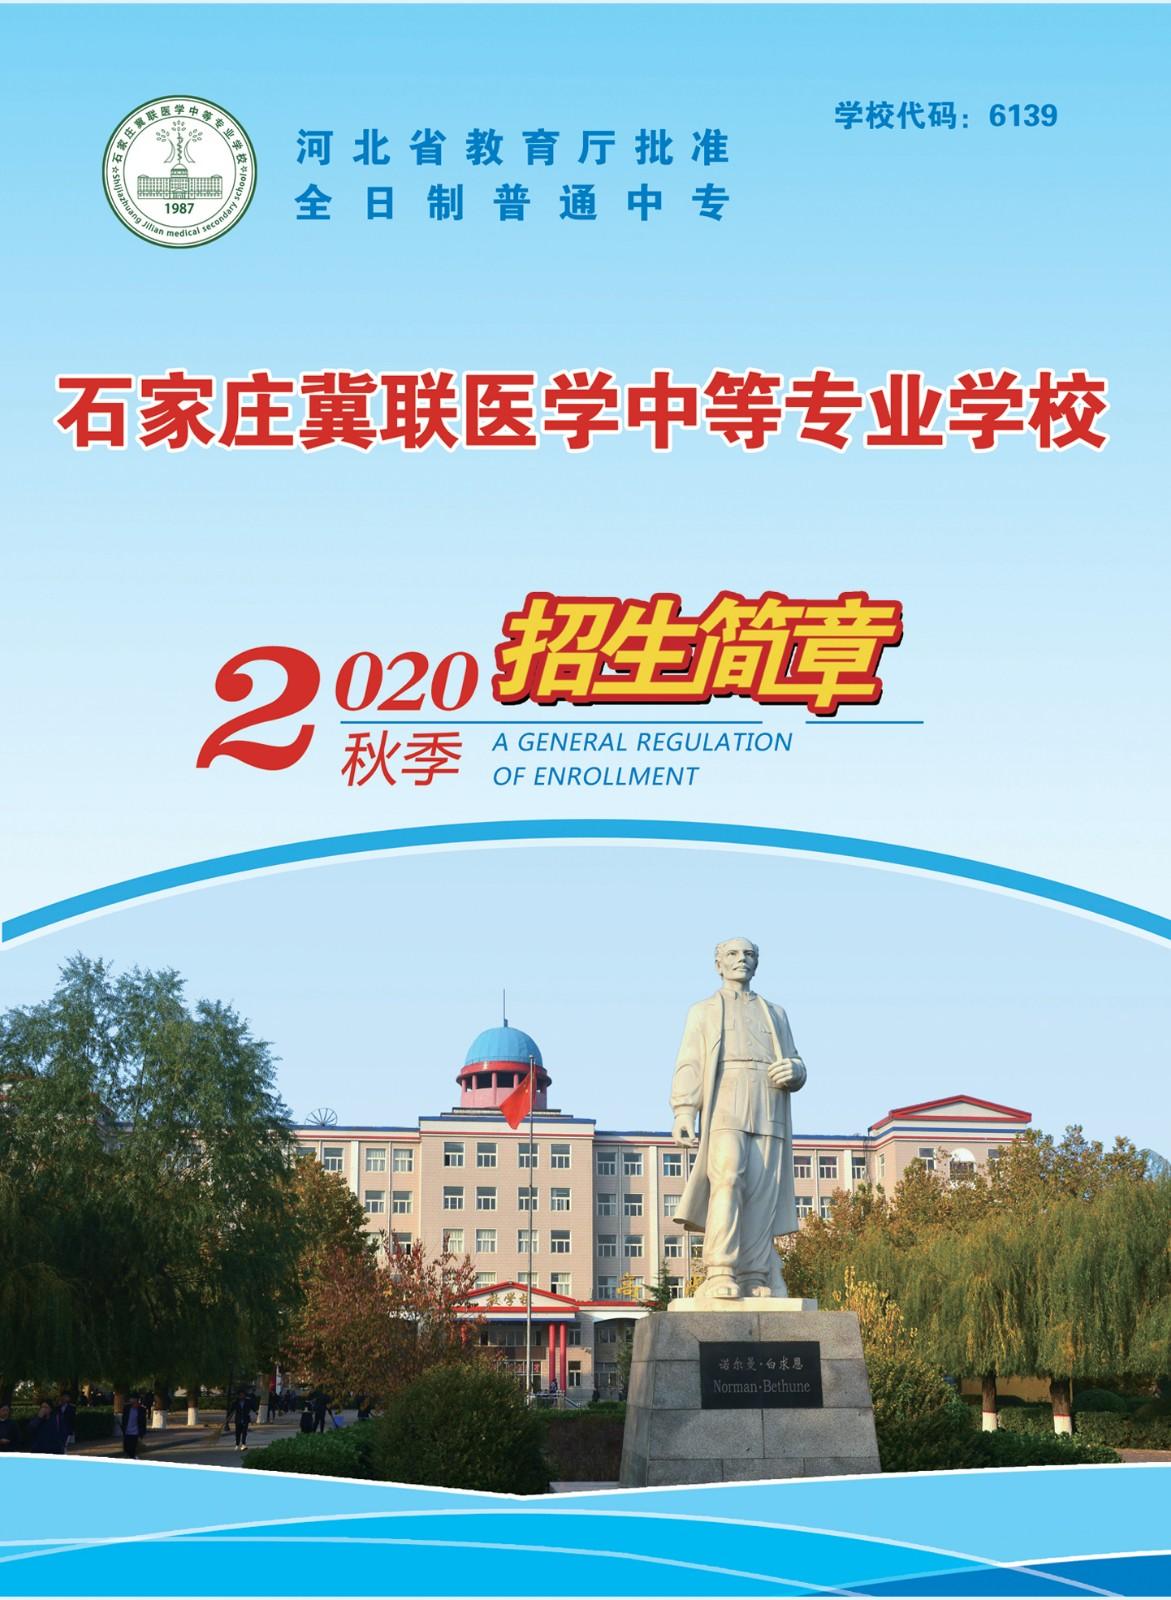 石家庄冀联医学中等专业学校2020年秋季纸质简章